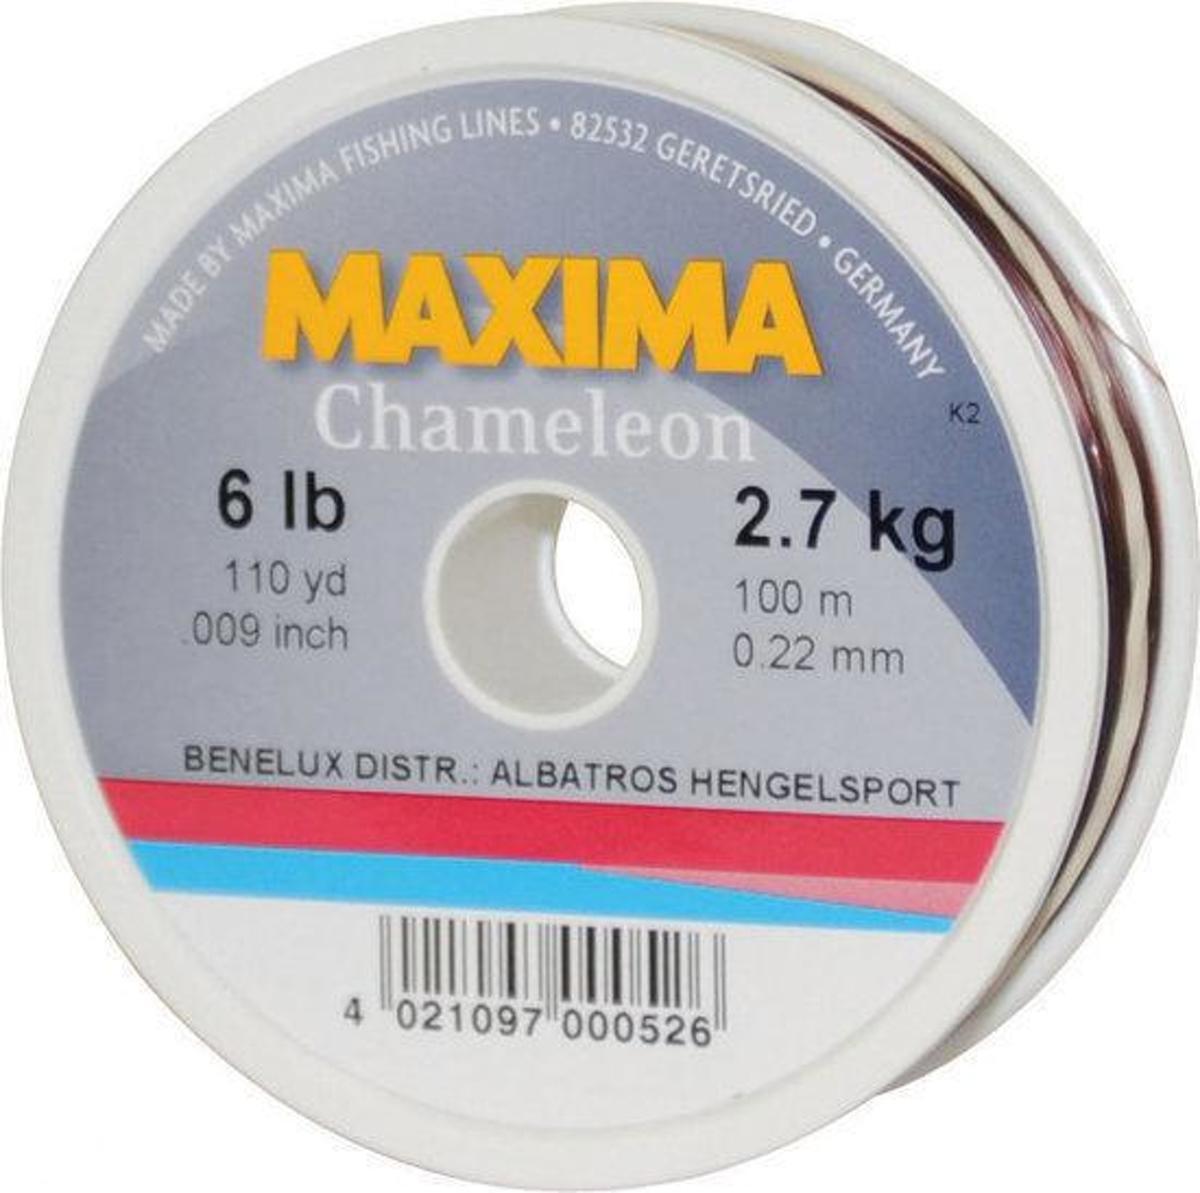 Maxima Chameleon Vislijn - 0.15 mm - 1.4 kg - 100 m